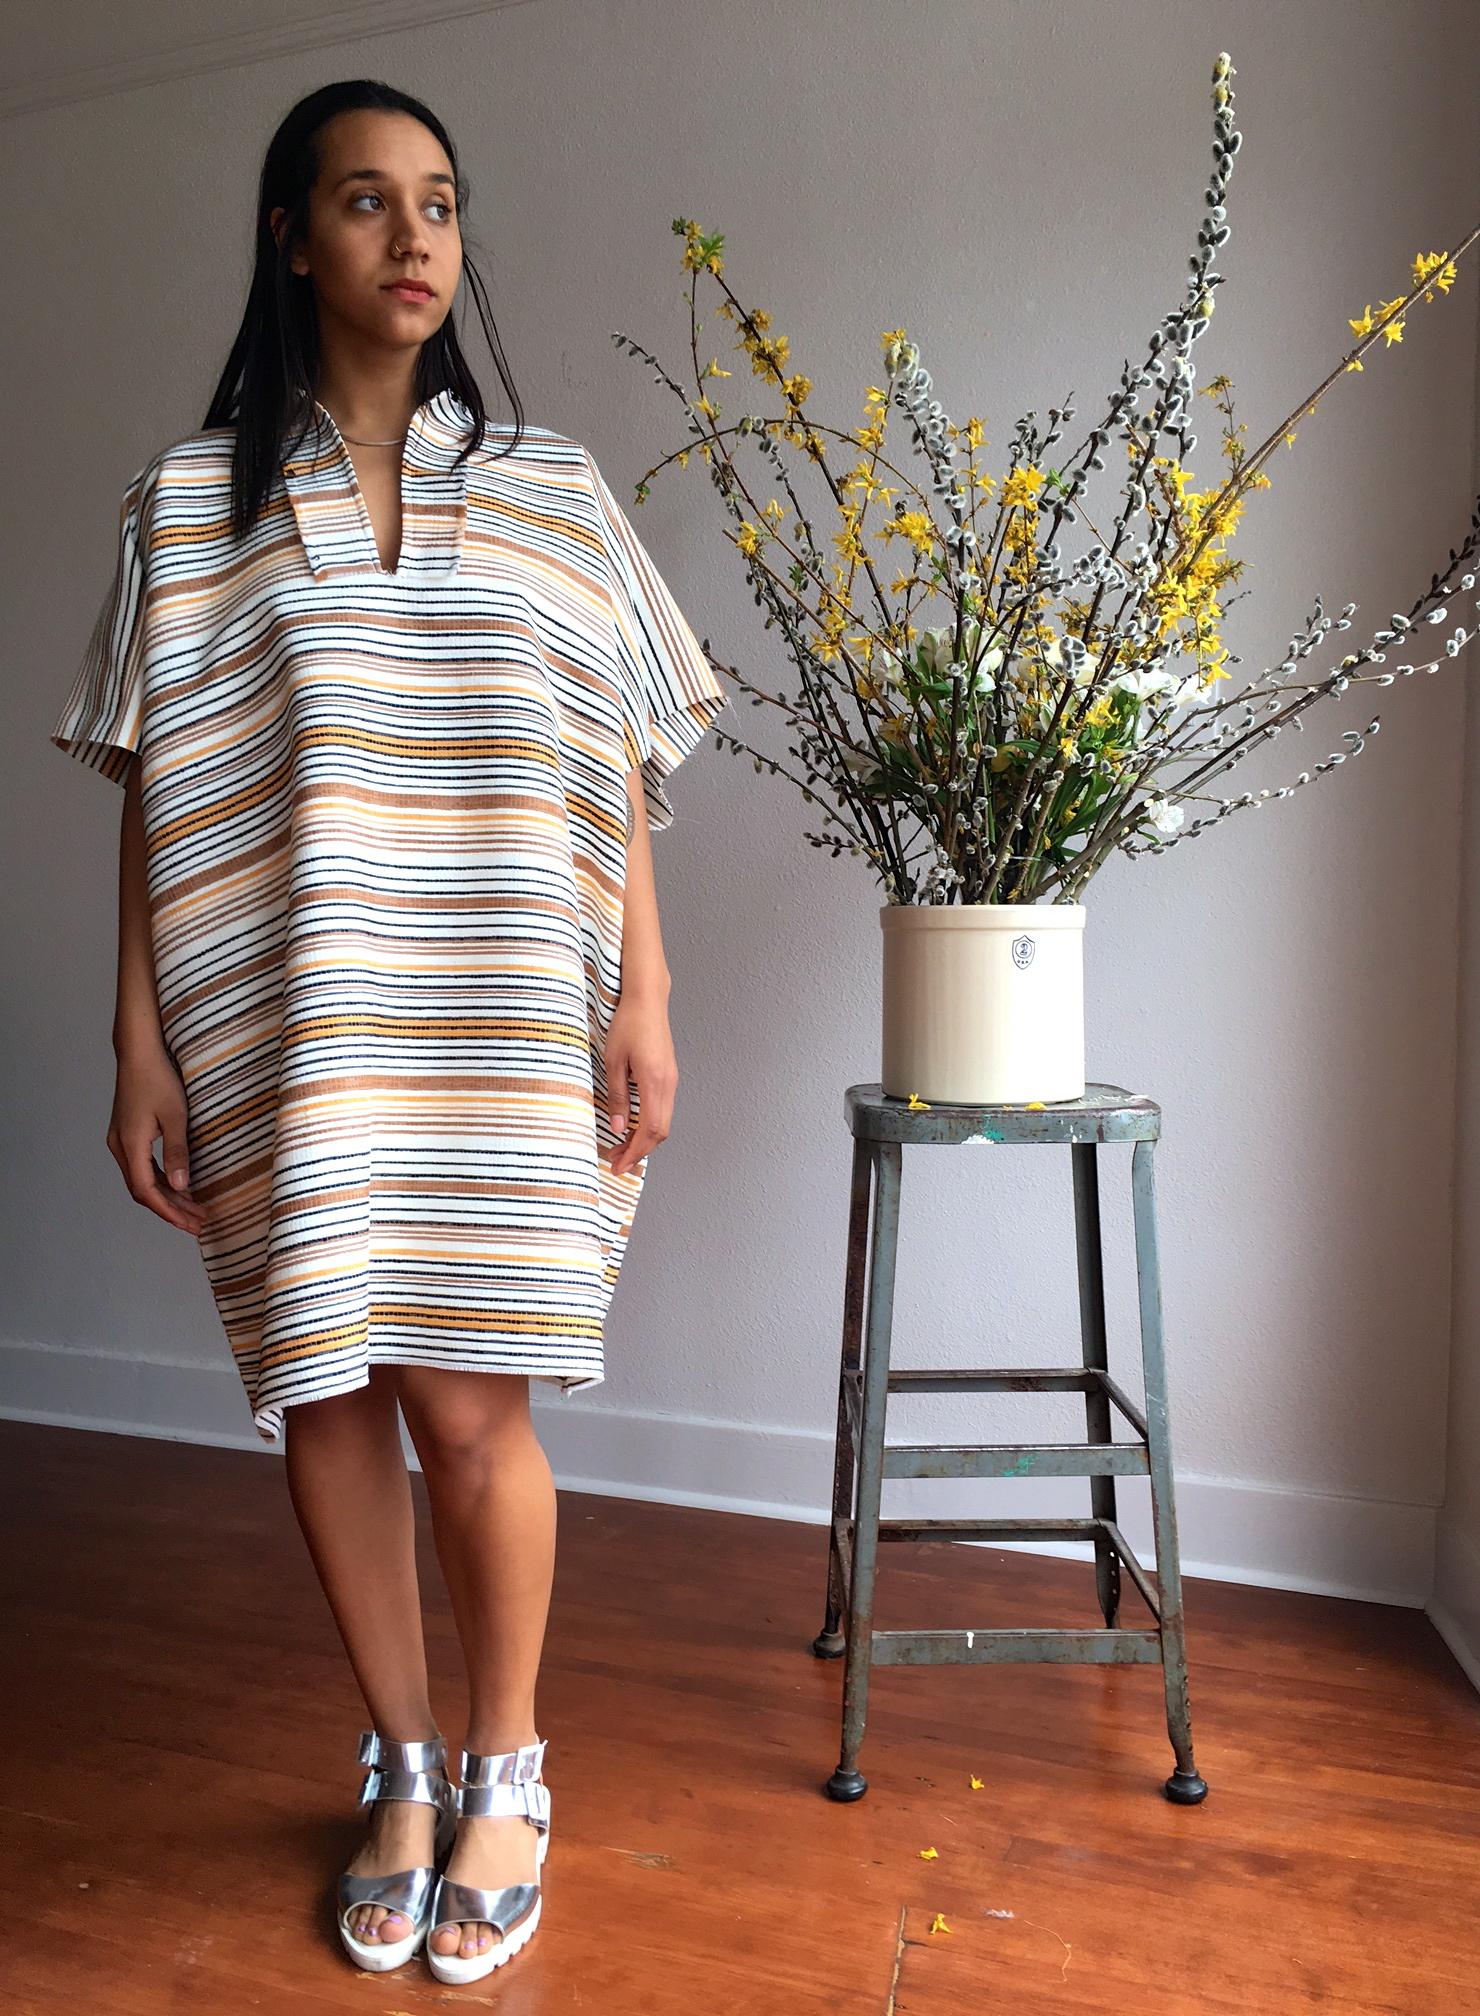 100% Cotton Poncho dress 185.00